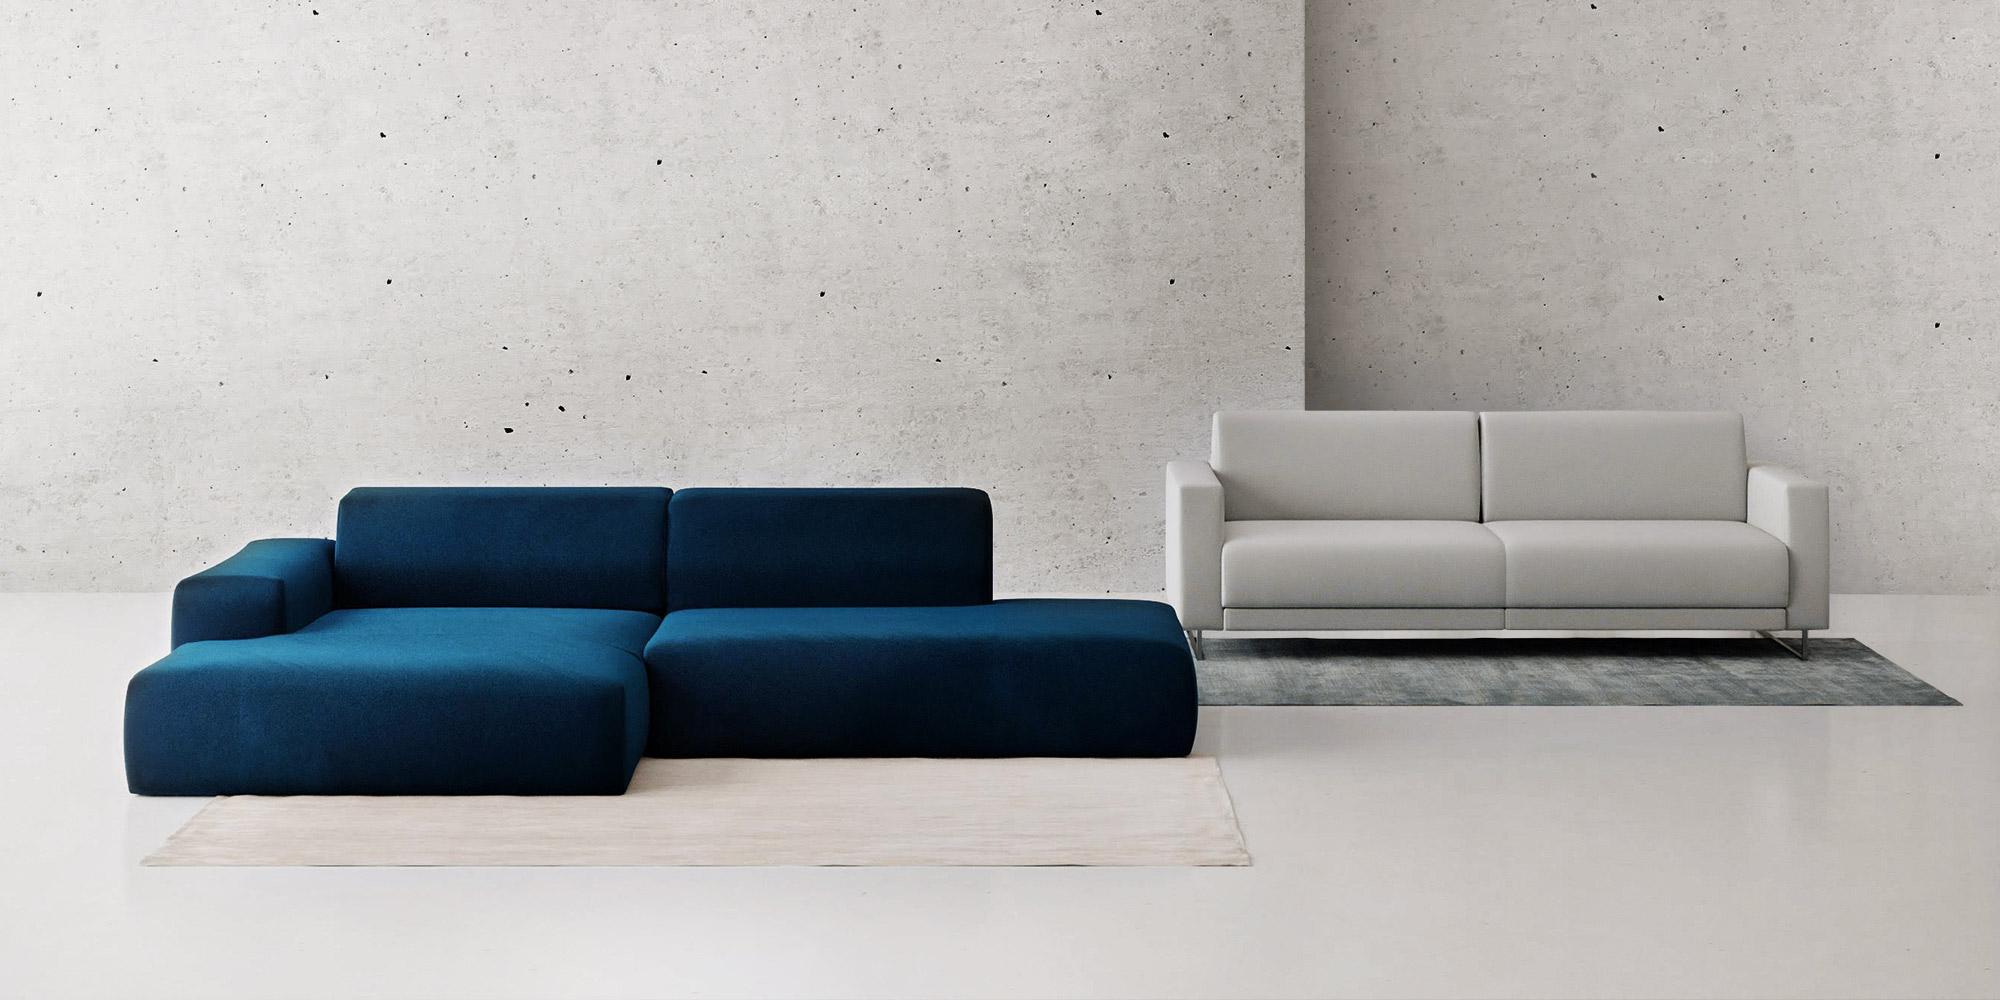 blaues und graues Sofa